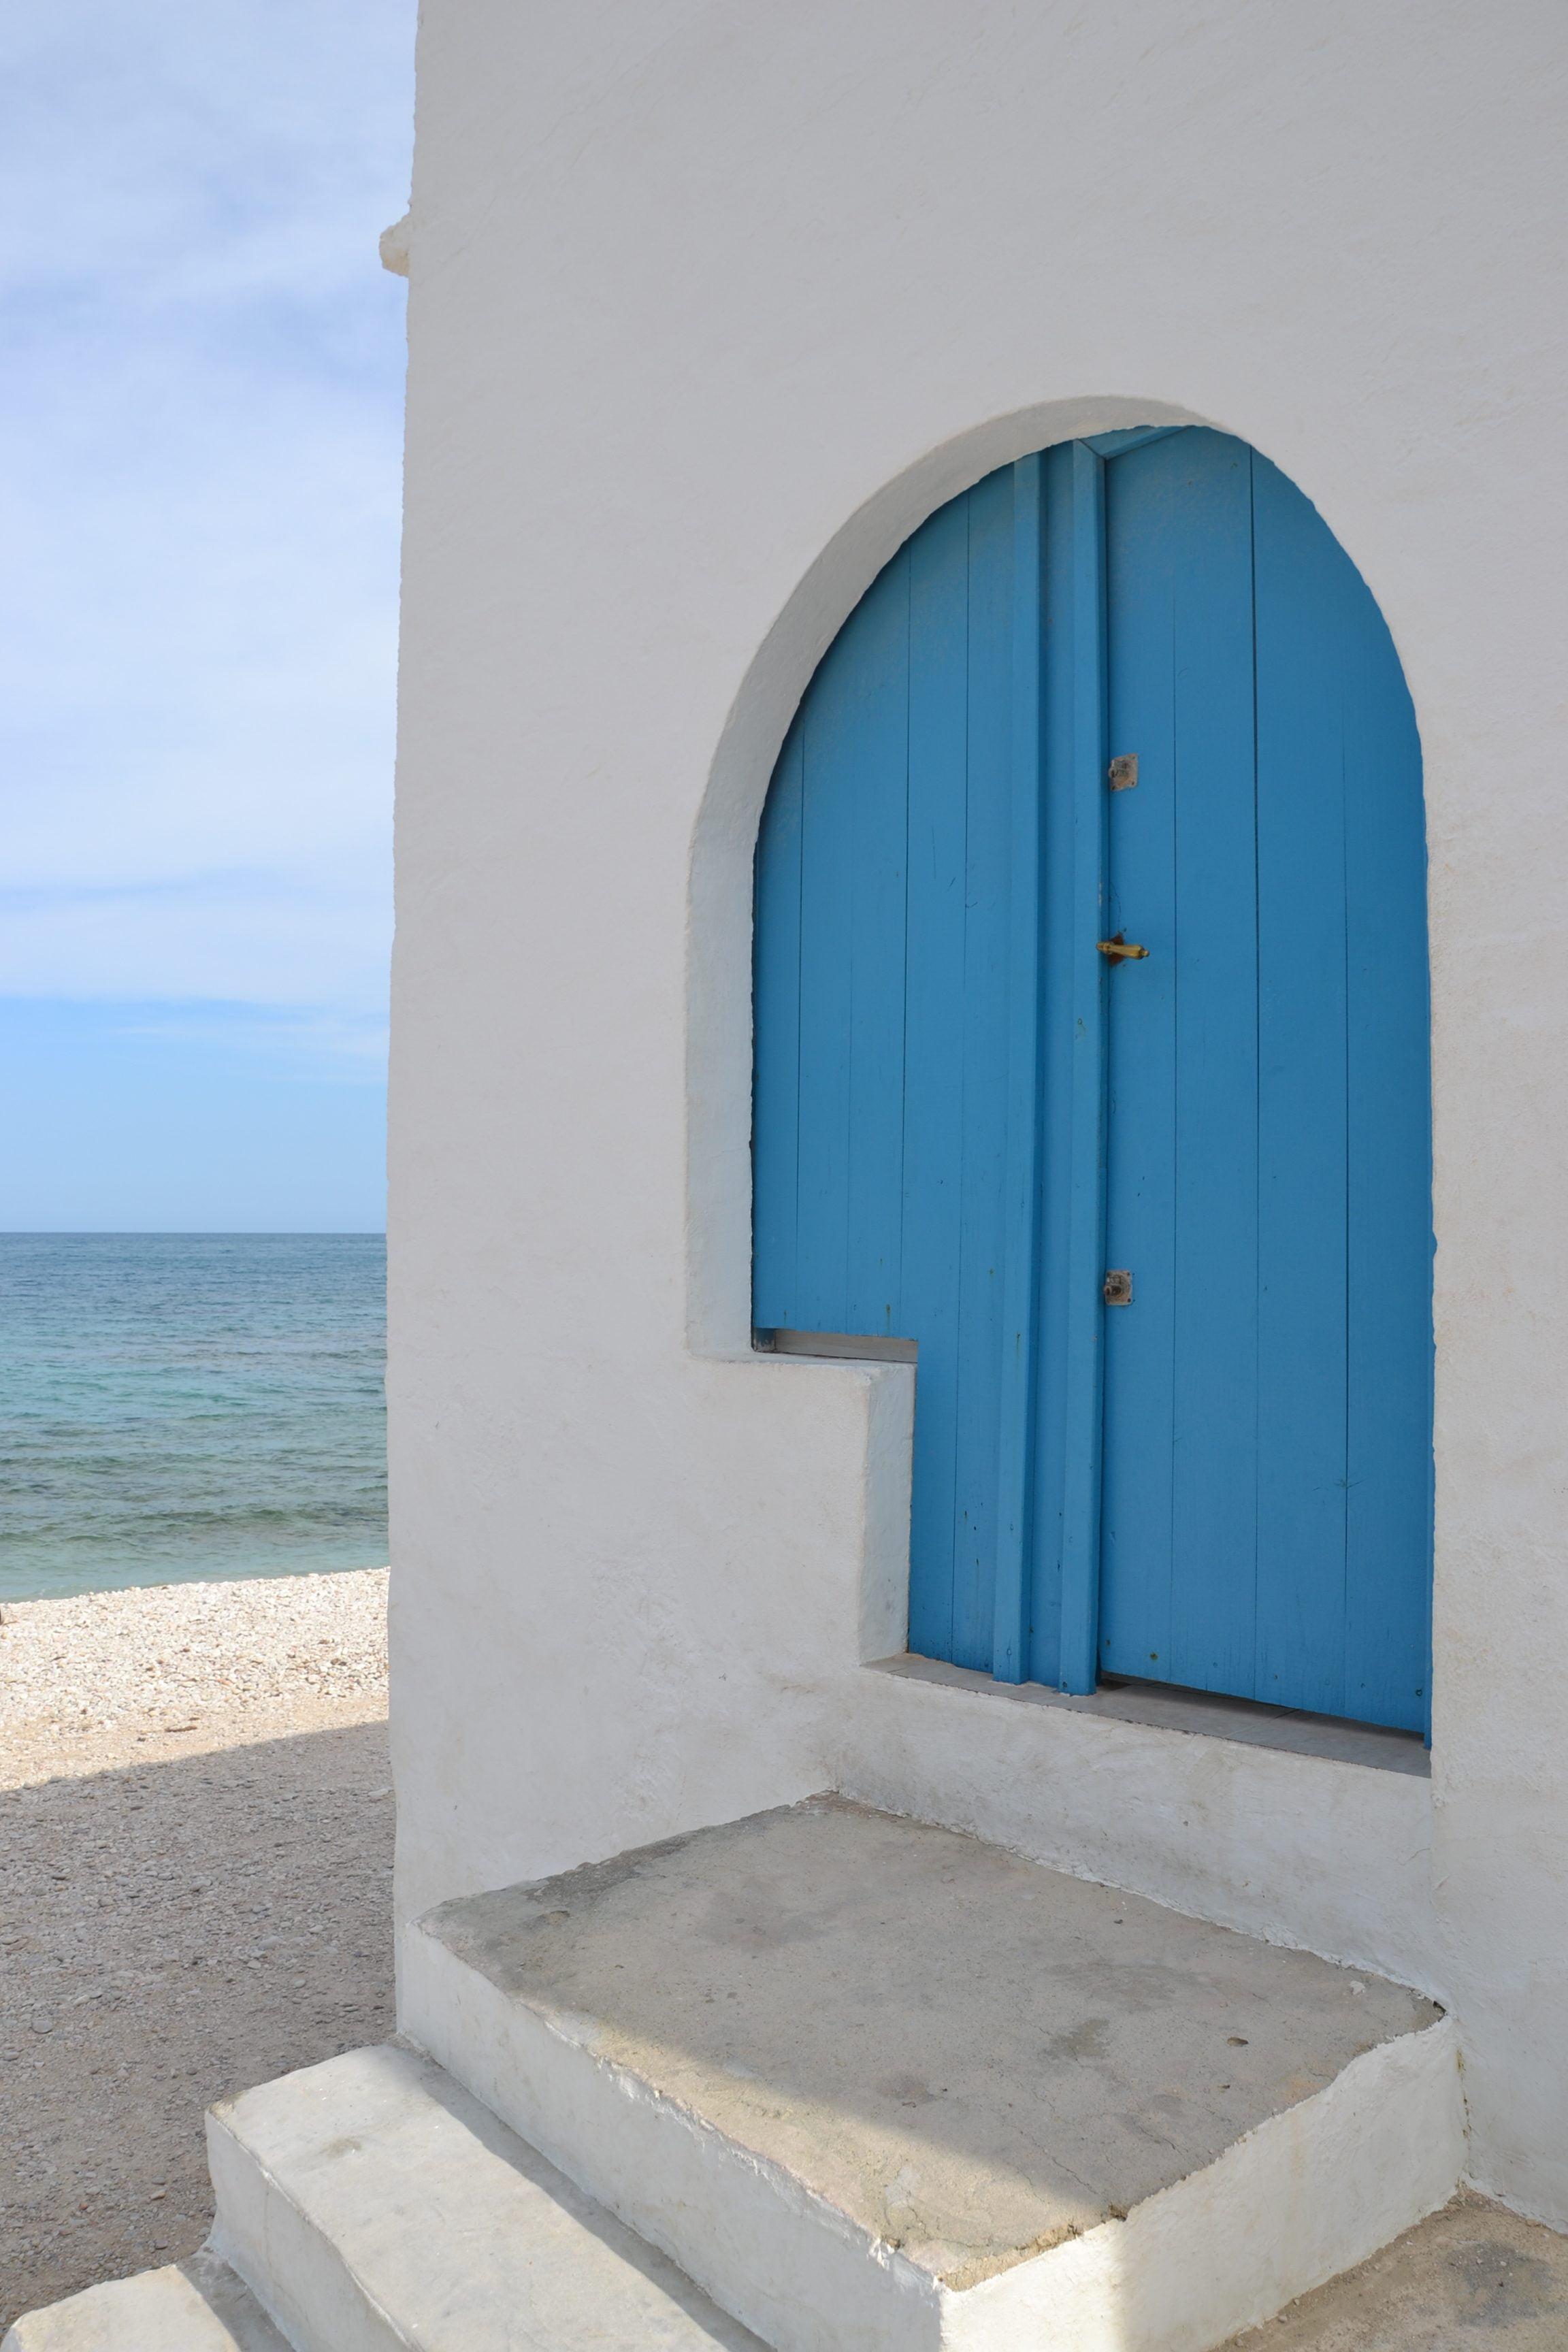 Puerta azul de la Casas de Pescadores